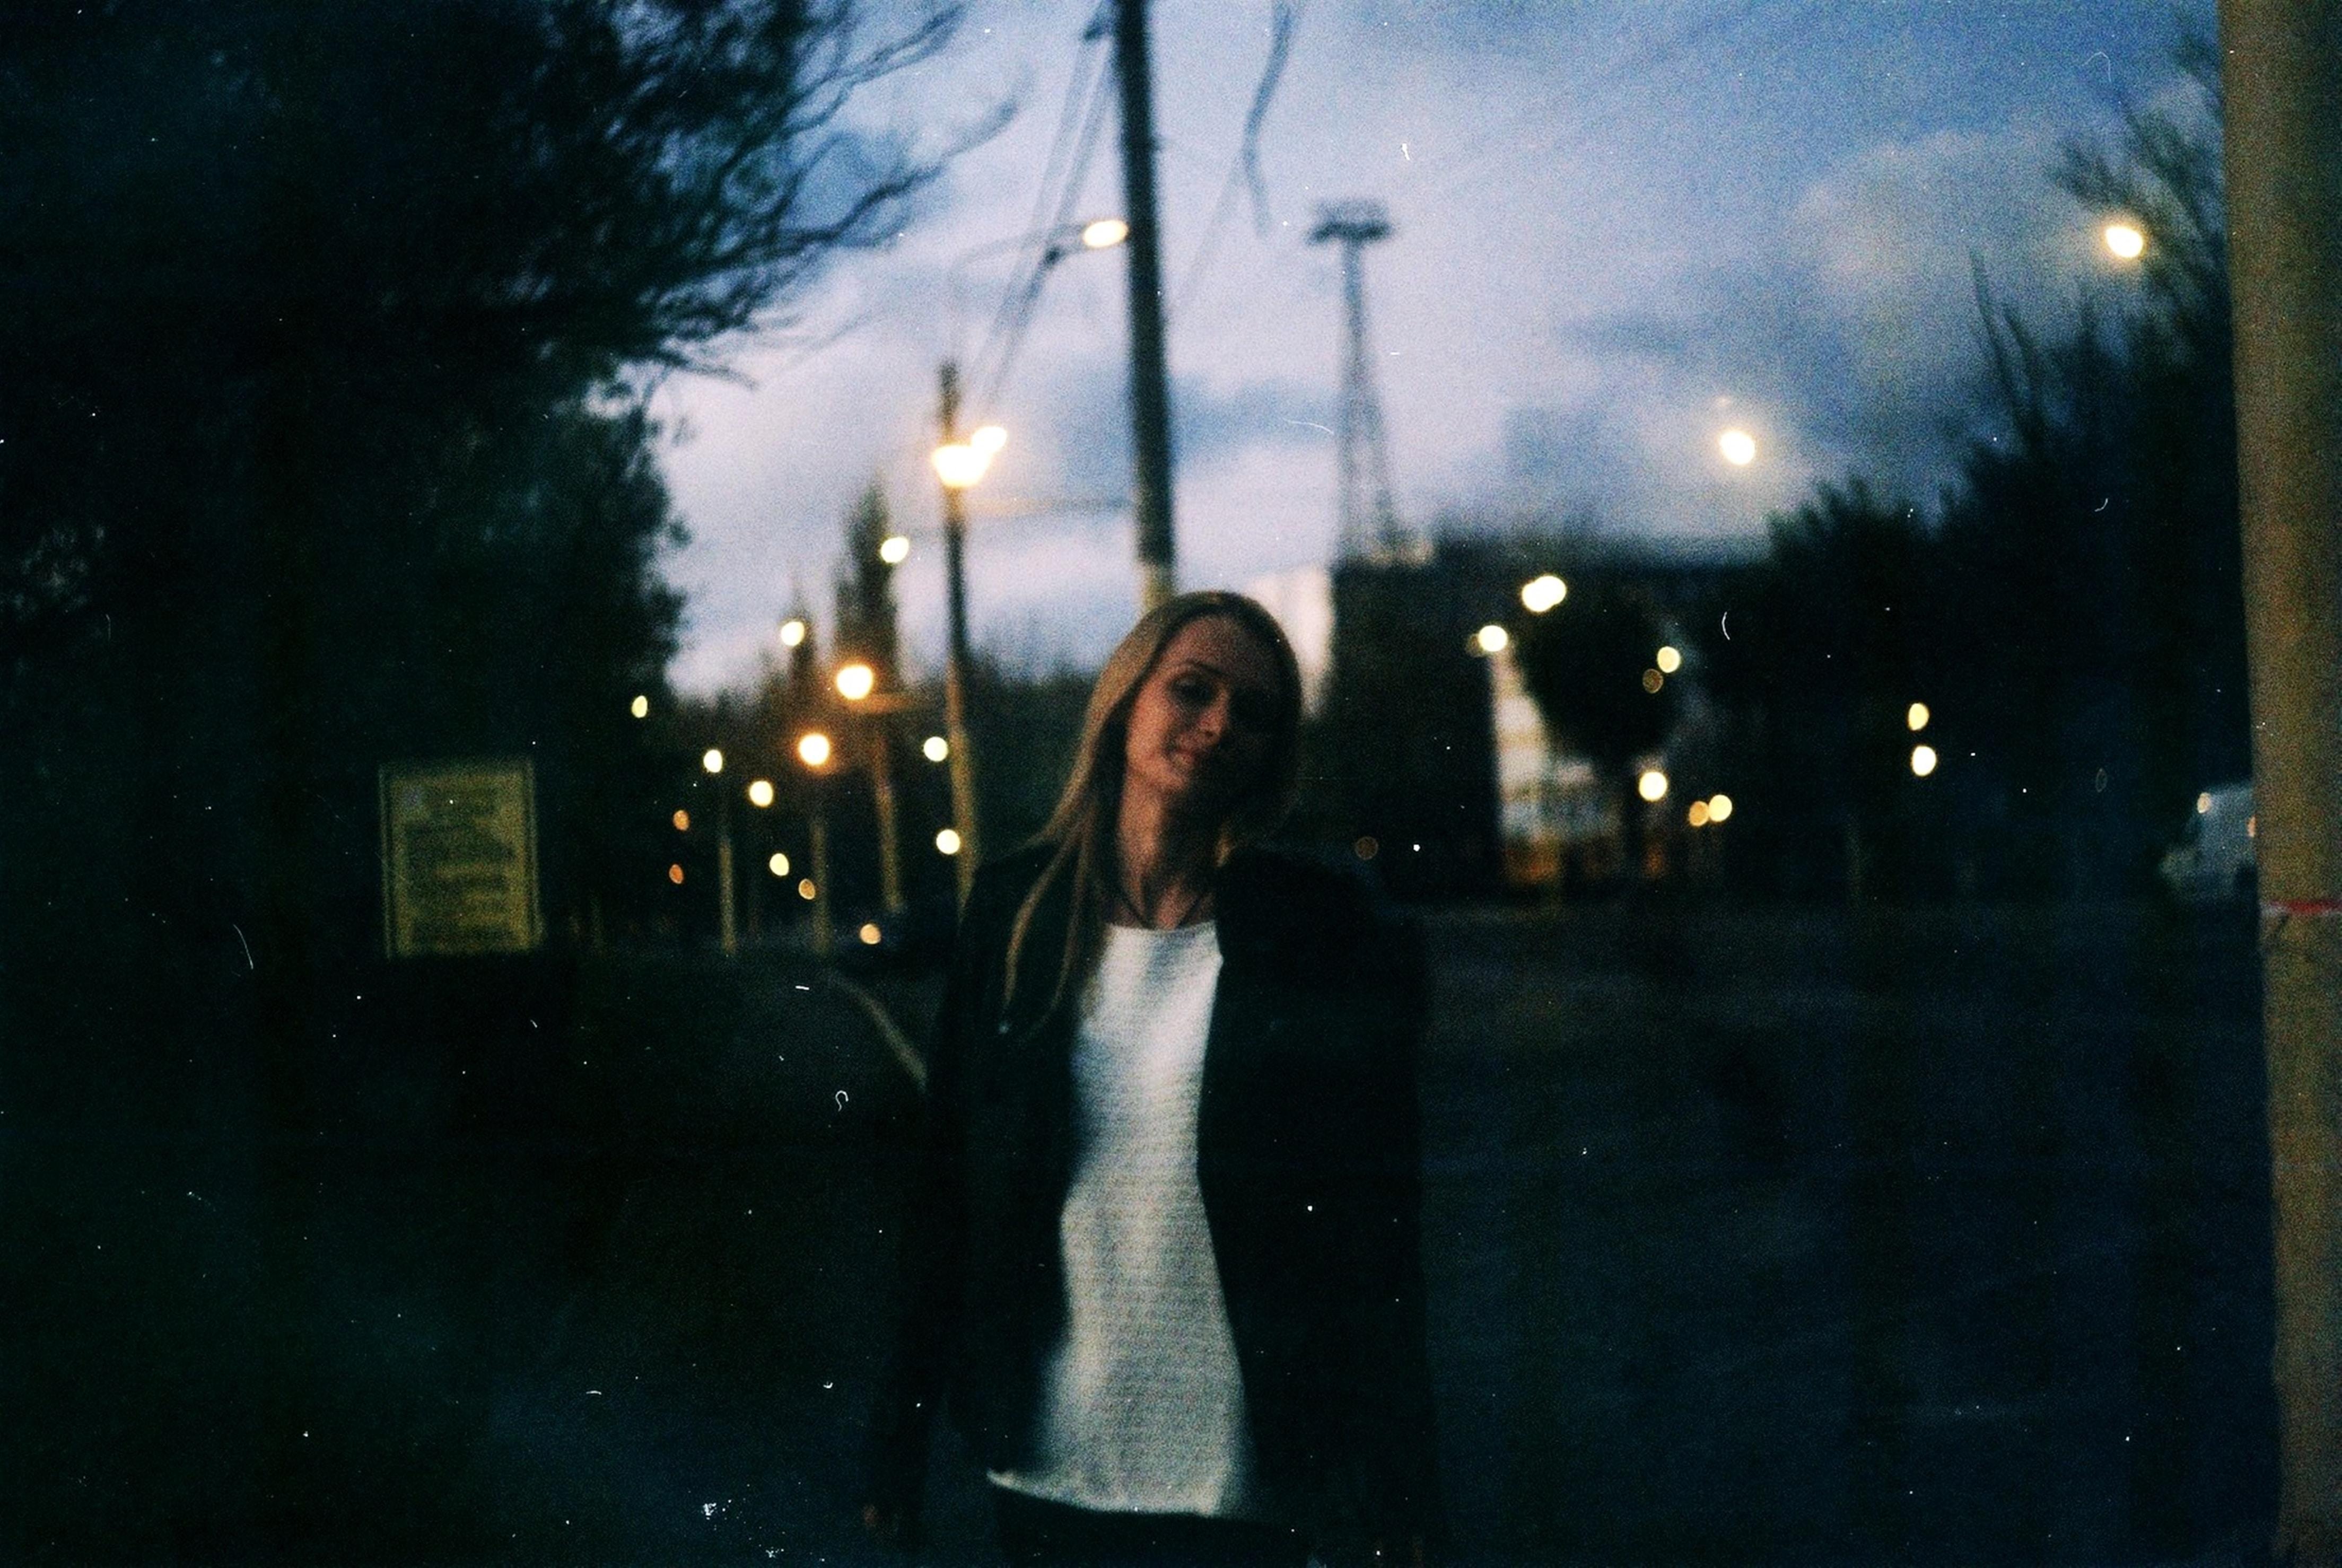 woman wearing black jacket near street lights